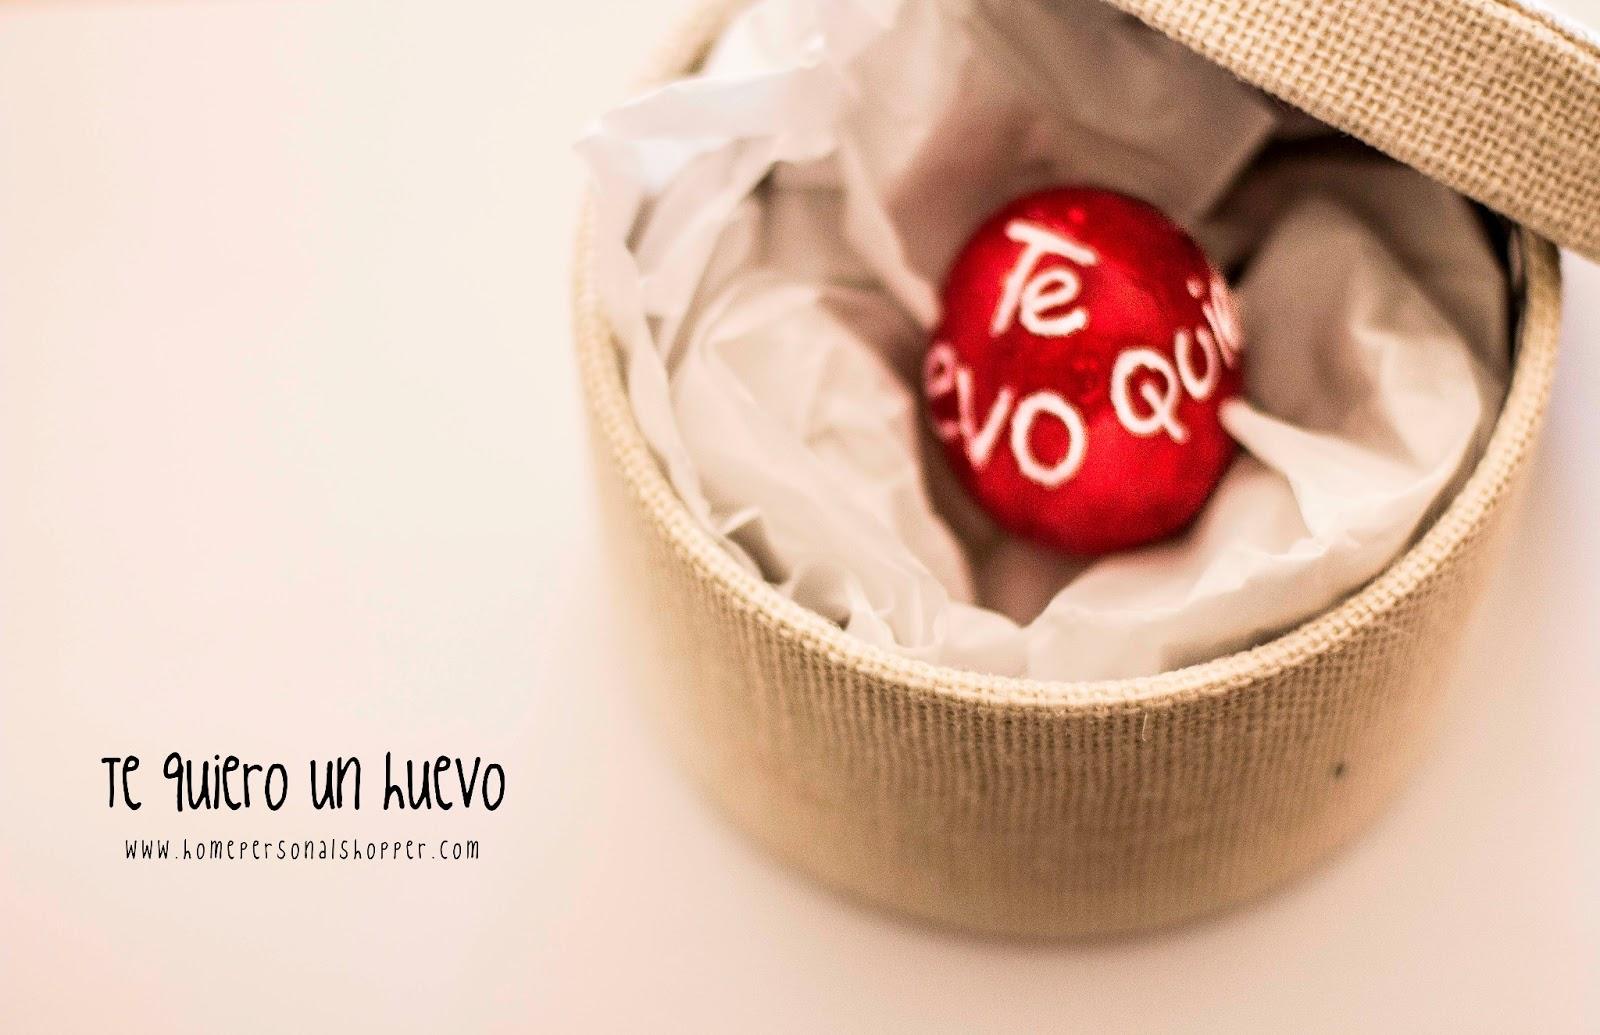 San valentín, manualidades, DIY, homepersonalshopper, te quiero un huevo